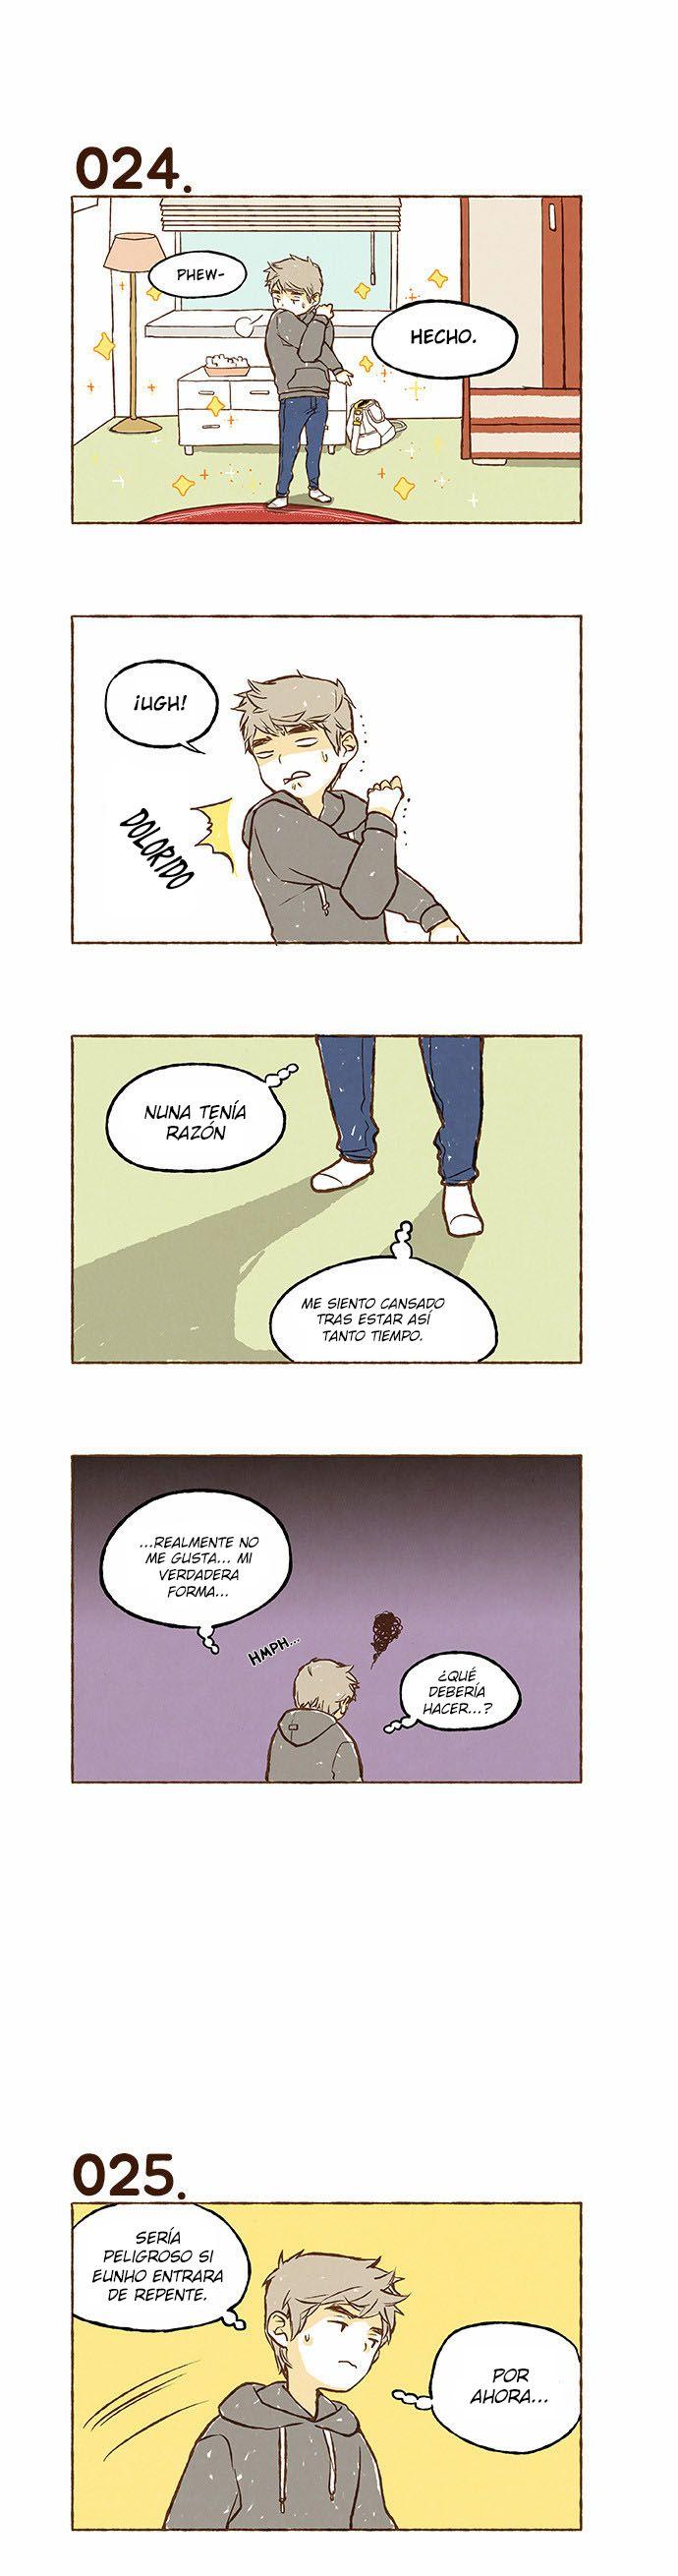 http://c5.ninemanga.com/es_manga/61/17725/462953/8caf5cc2411eb93ea989cd94f1ab0301.jpg Page 1